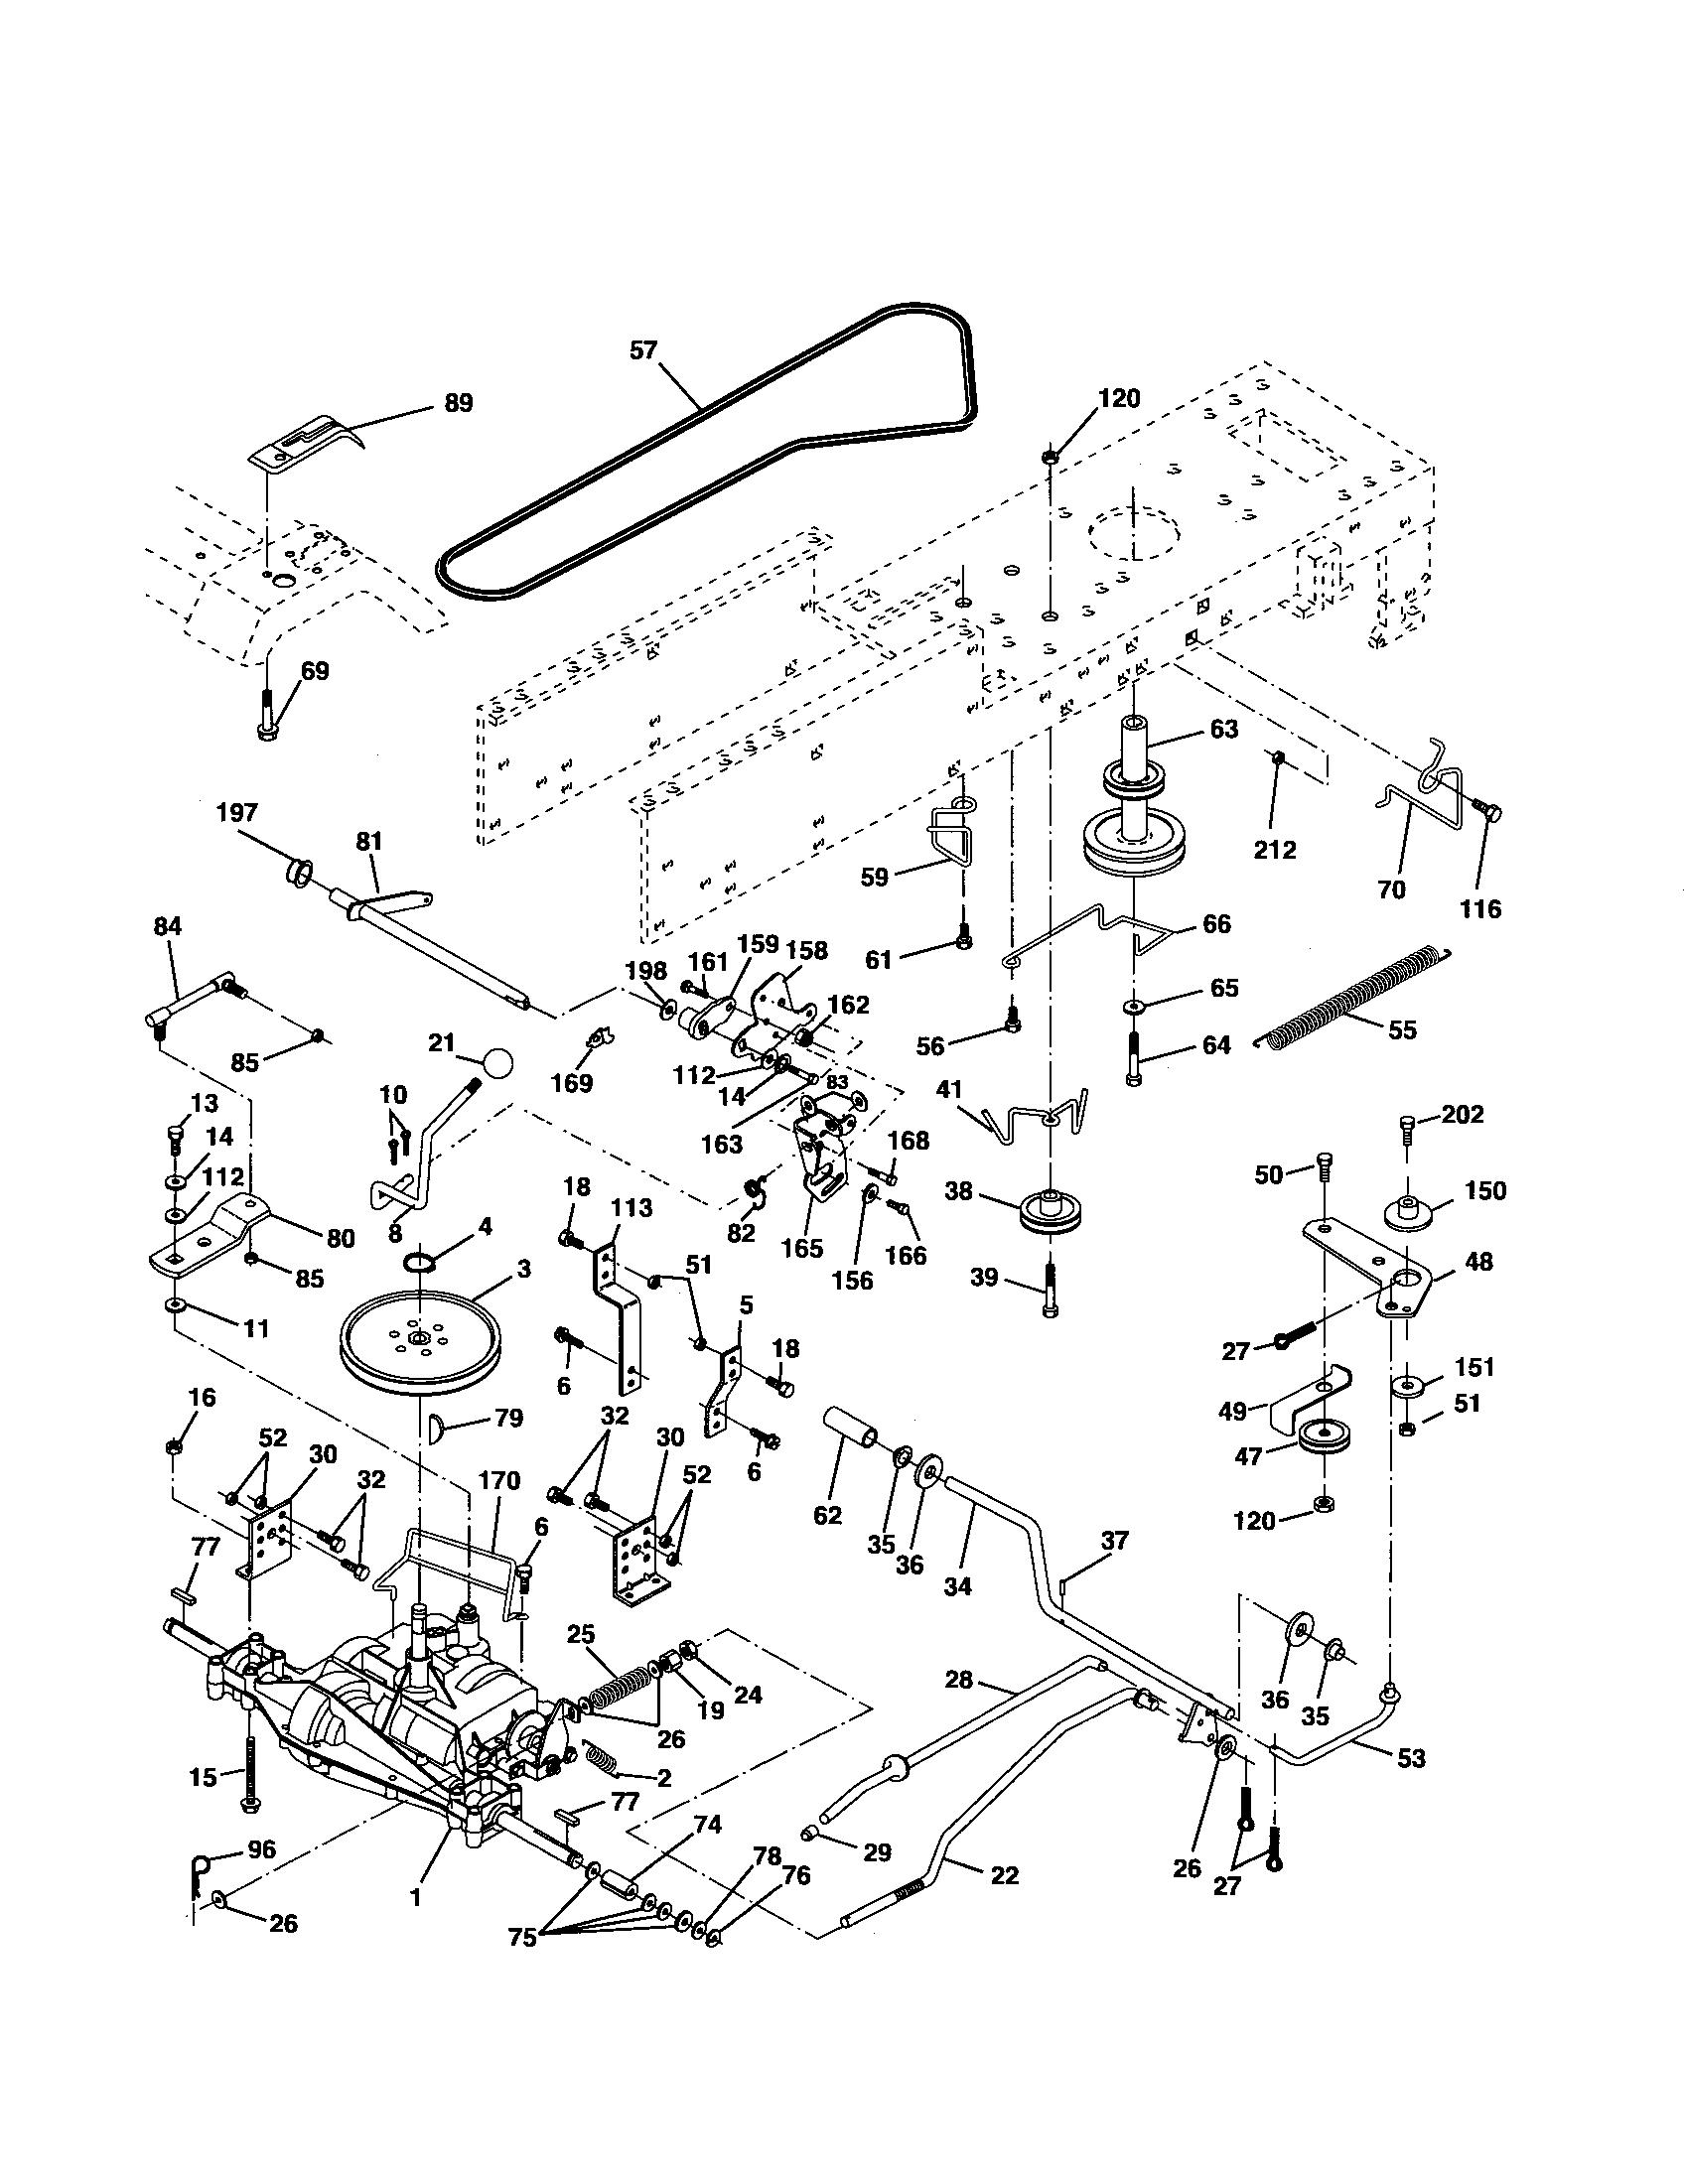 wiring poulan diagram pp11536ka yl 1469  poulan chainsaw wire diagram schematic wiring  poulan chainsaw wire diagram schematic